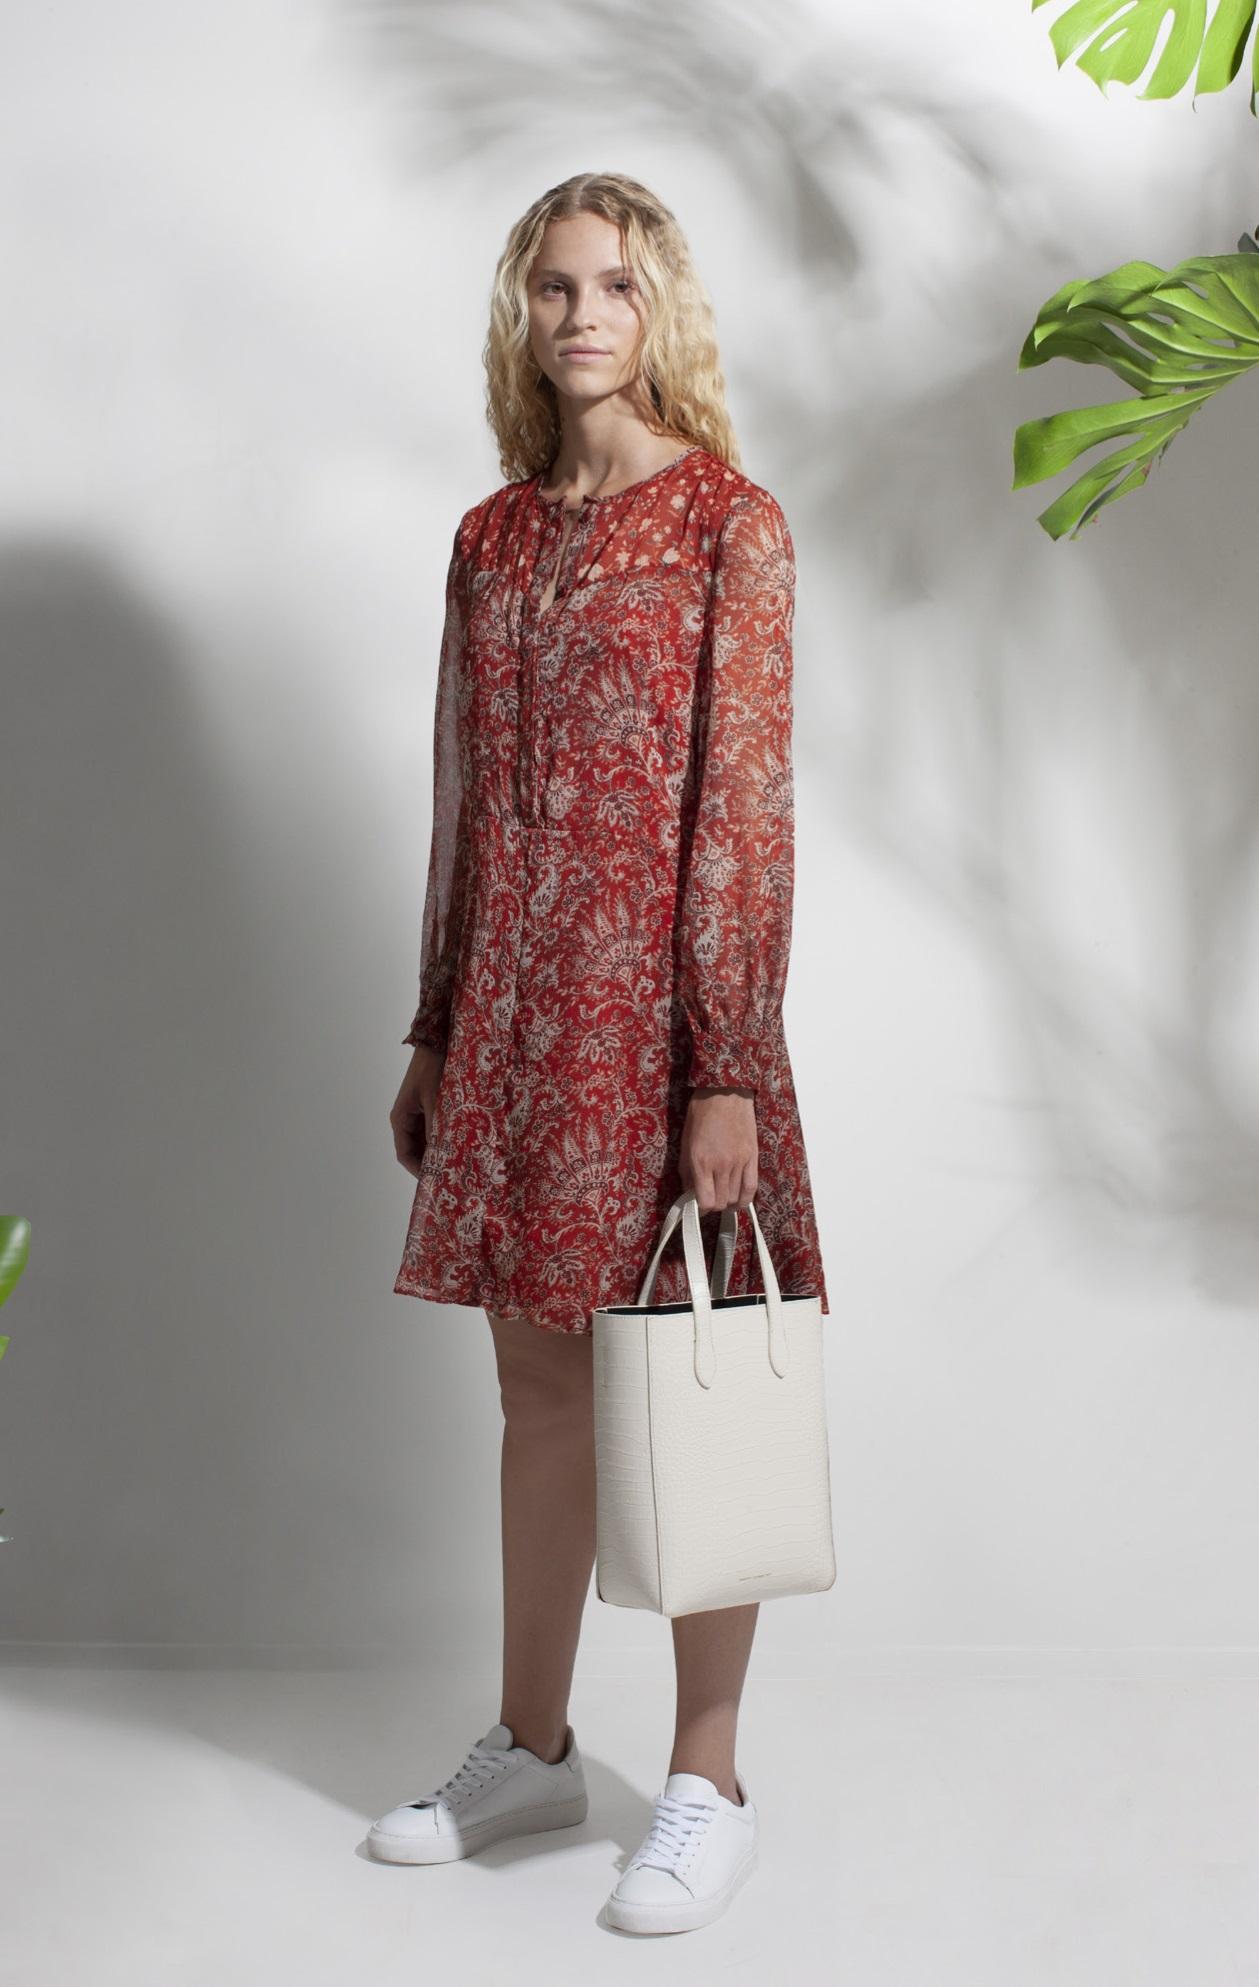 Cuando combinas el vestido corto con aire bohemio y un par de tenis siempre vas a reflejar un aspecto relajado y juvenil. (WGSN)